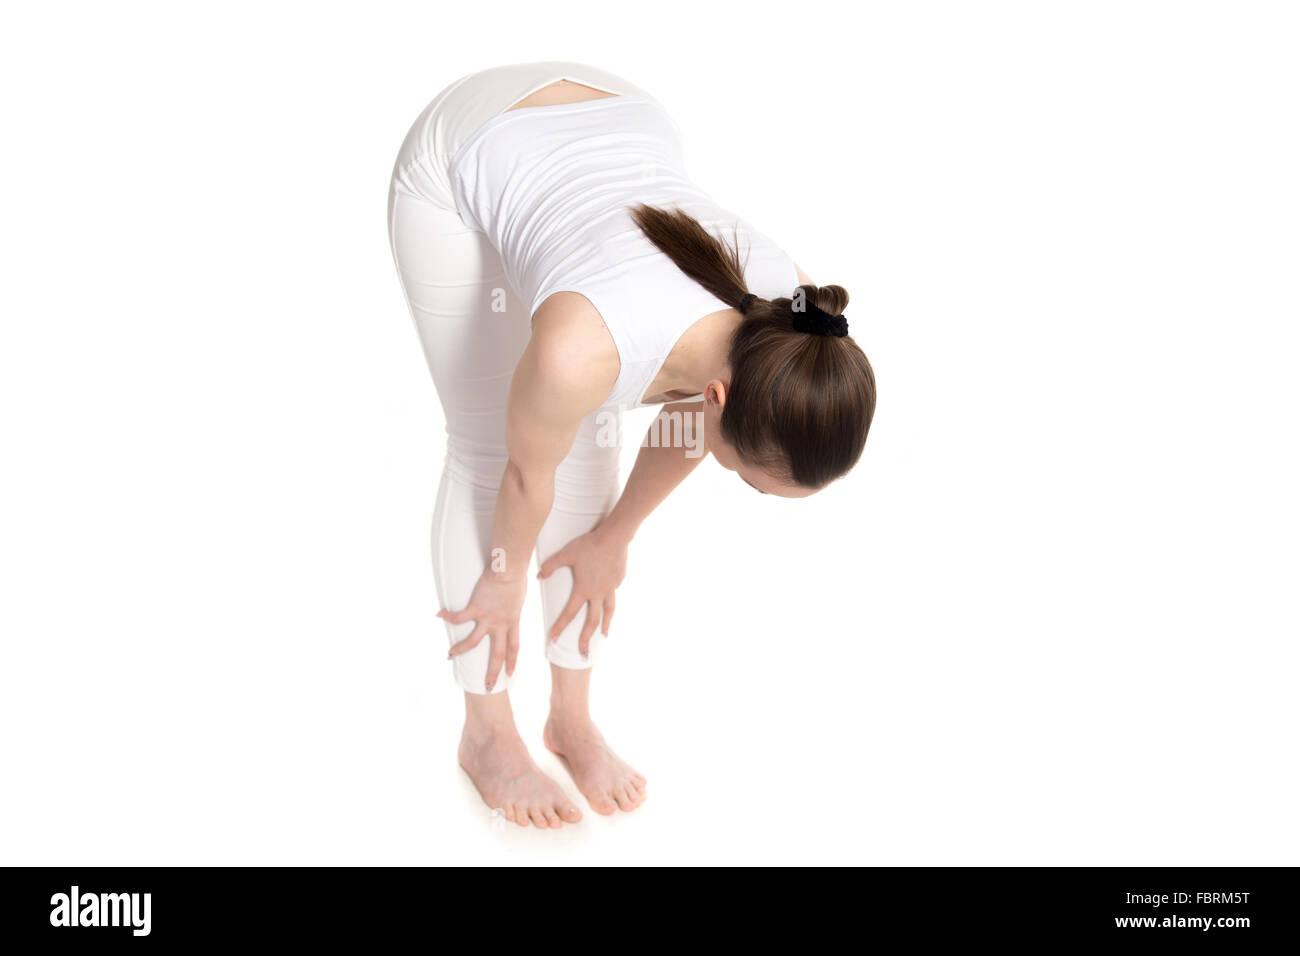 Hermosa joven deportivo en blanco sportswear haciendo la mitad de flexión hacia adelante para la columna vertebral Imagen De Stock